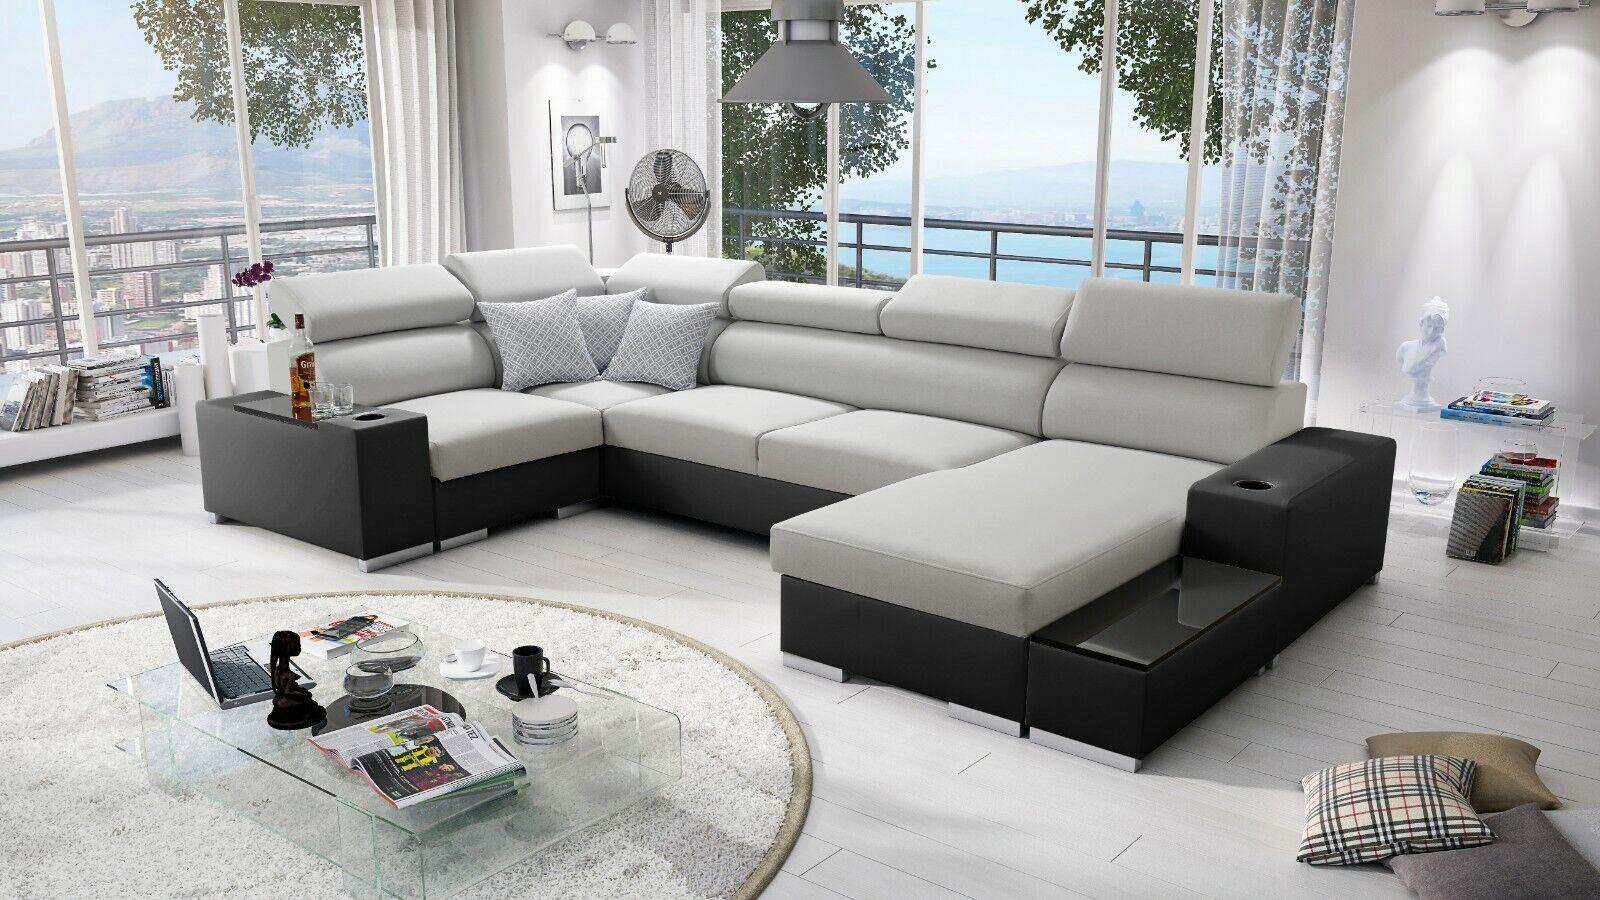 Ecksofa Porte mit Schlaffunktion Bettkasten Wohnlandschaft Gewebe Big Sofa XL 26